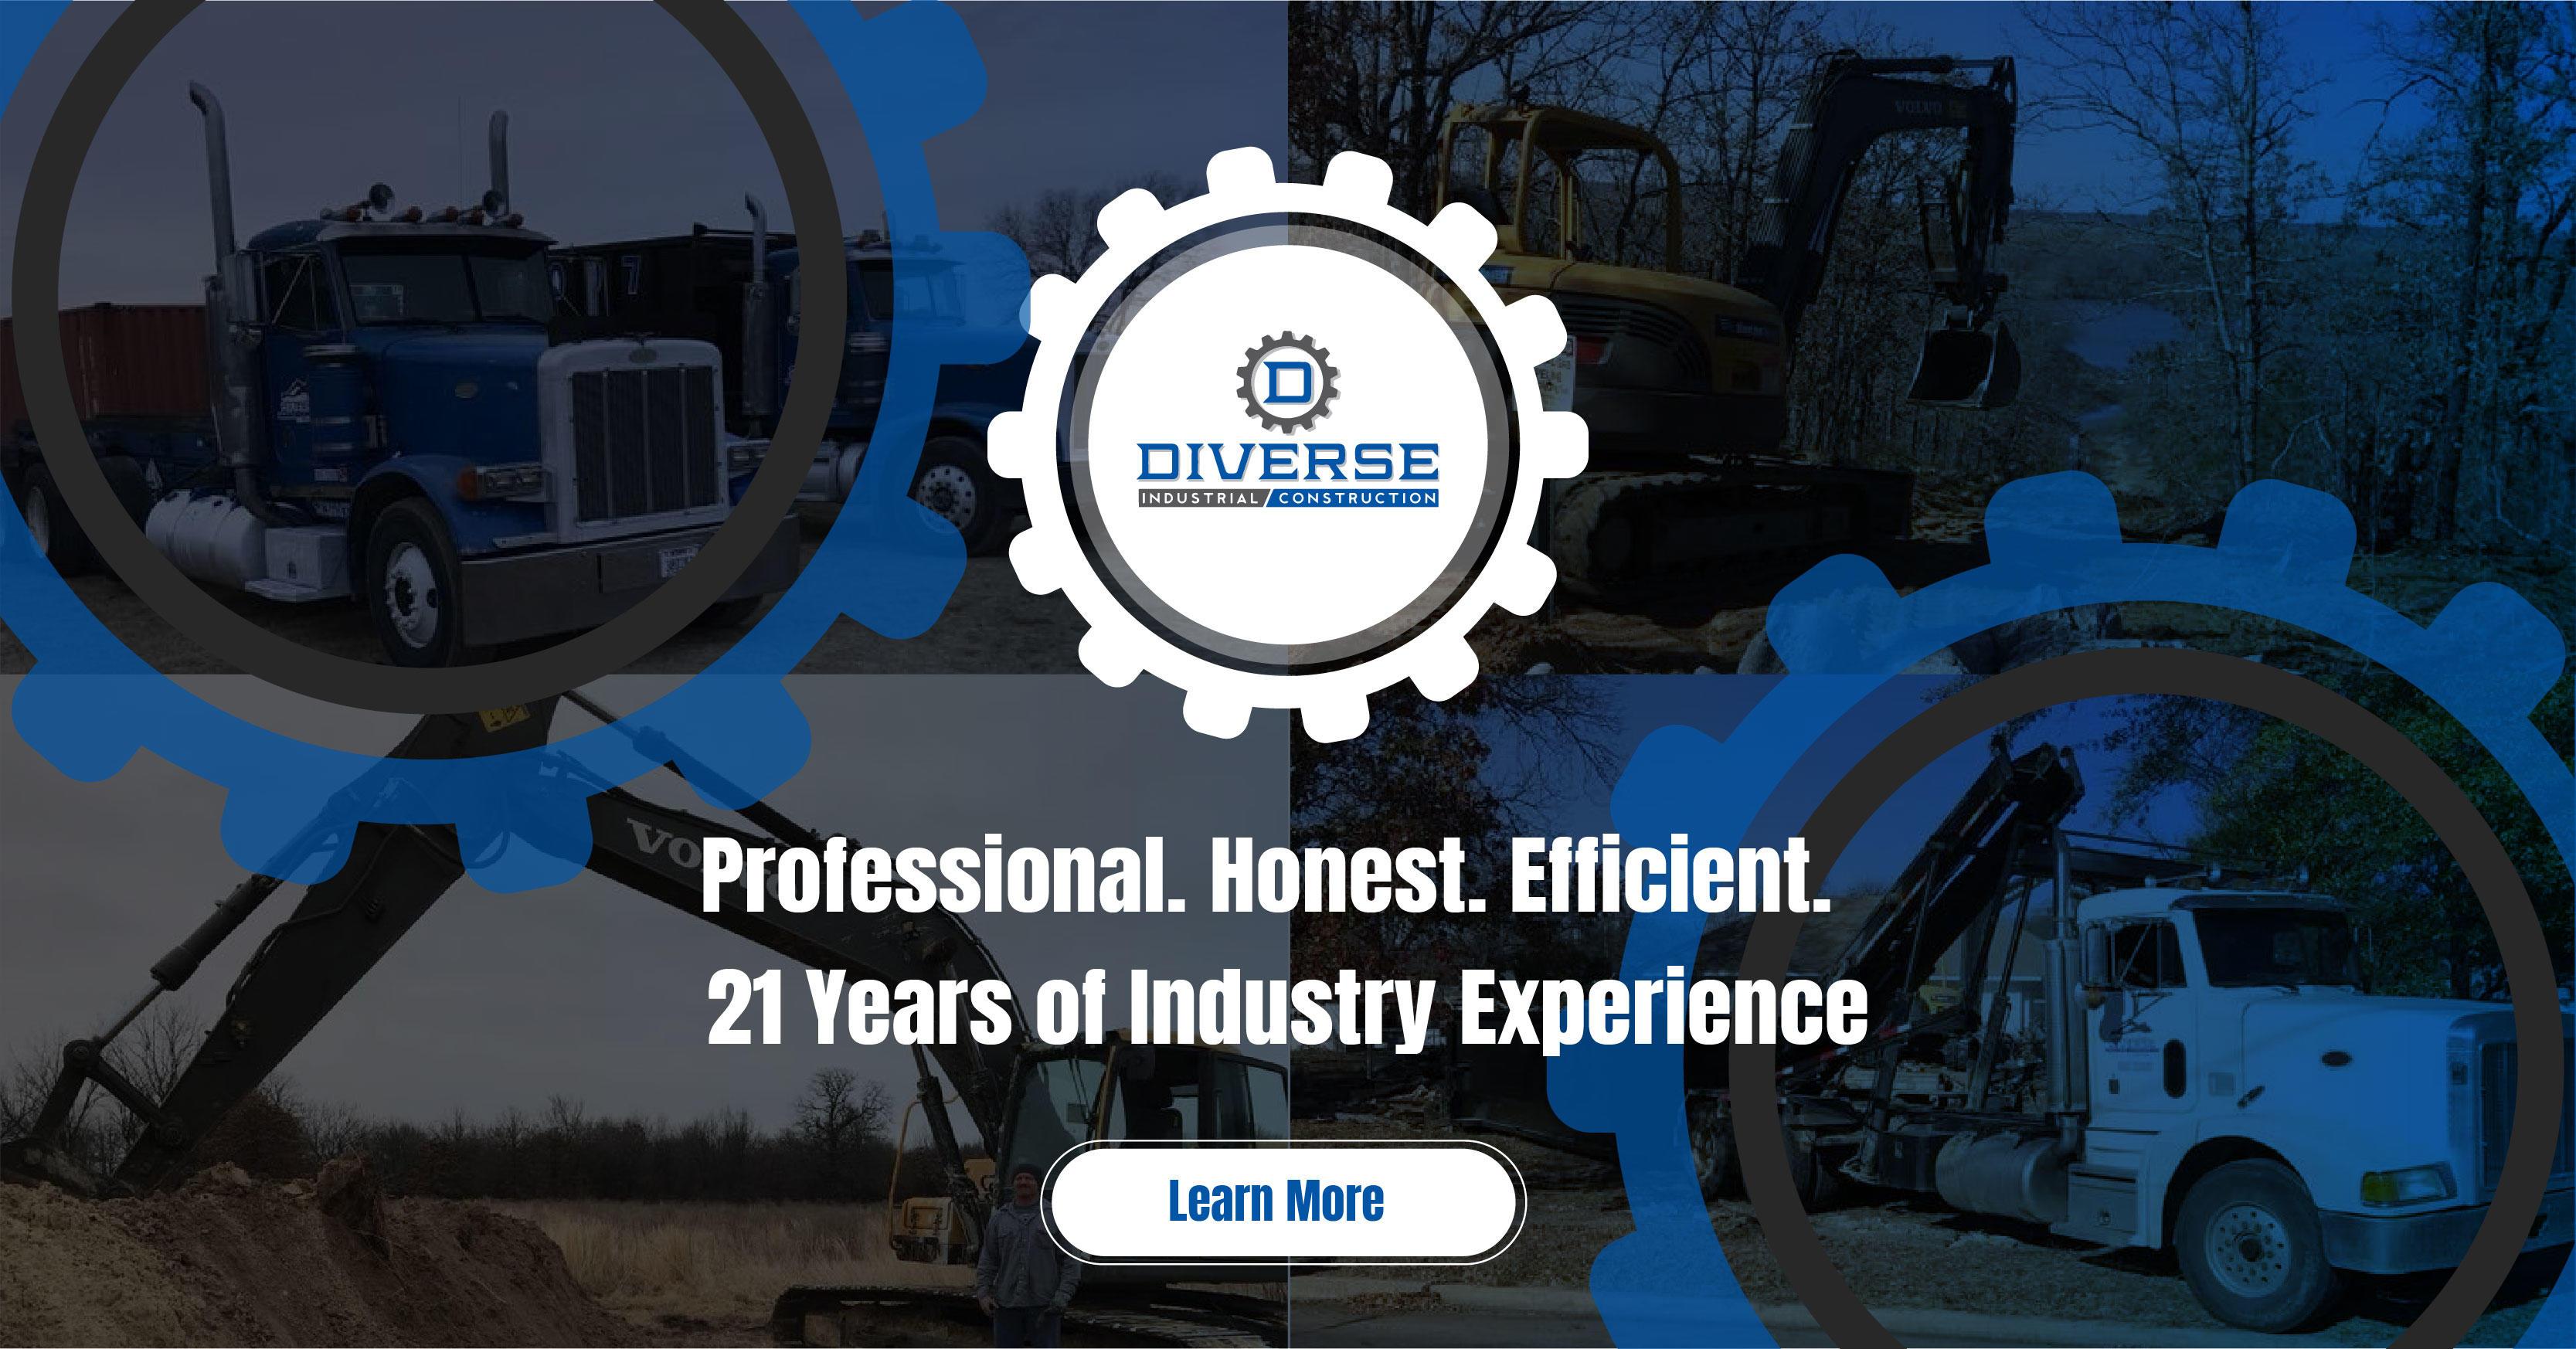 Diverse Construction image 1